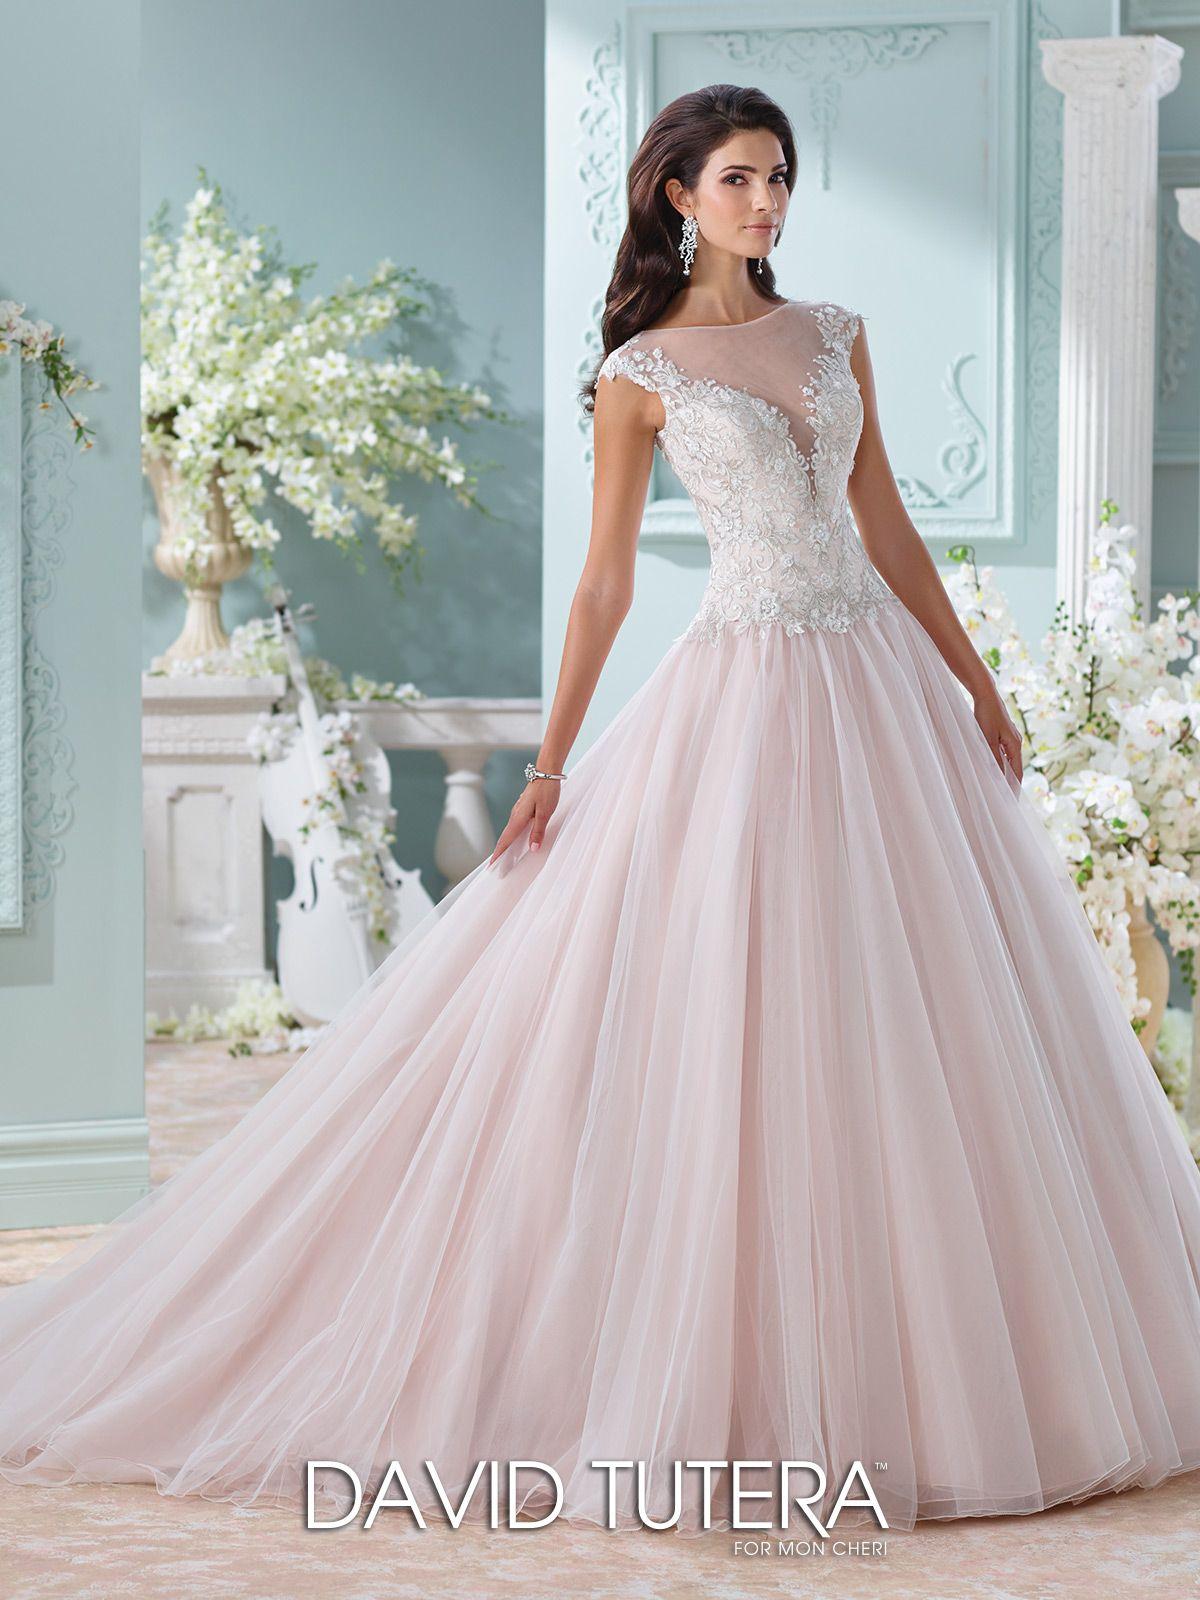 71ec191b85f Unique Wedding Dresses Spring 2019 - Martin Thornburg in 2019 ...